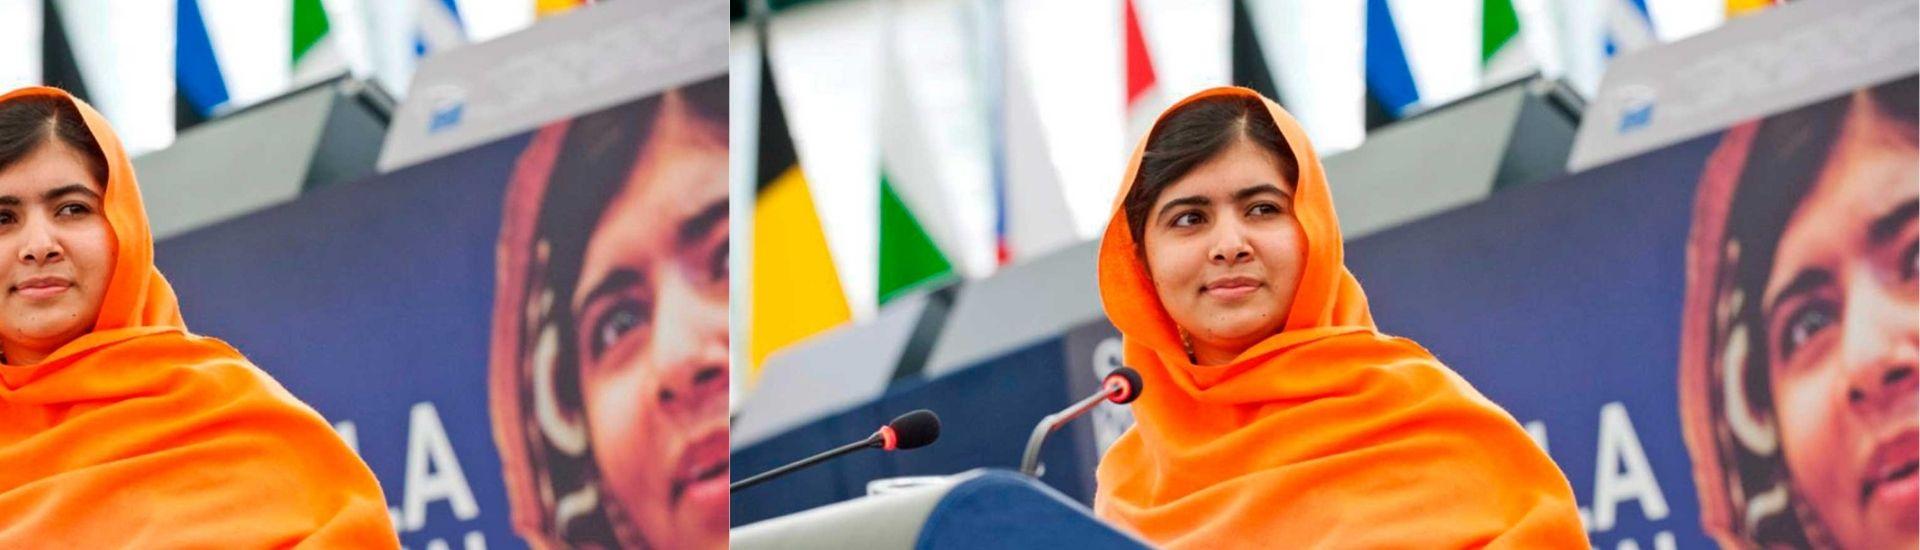 Fotografía de Malala